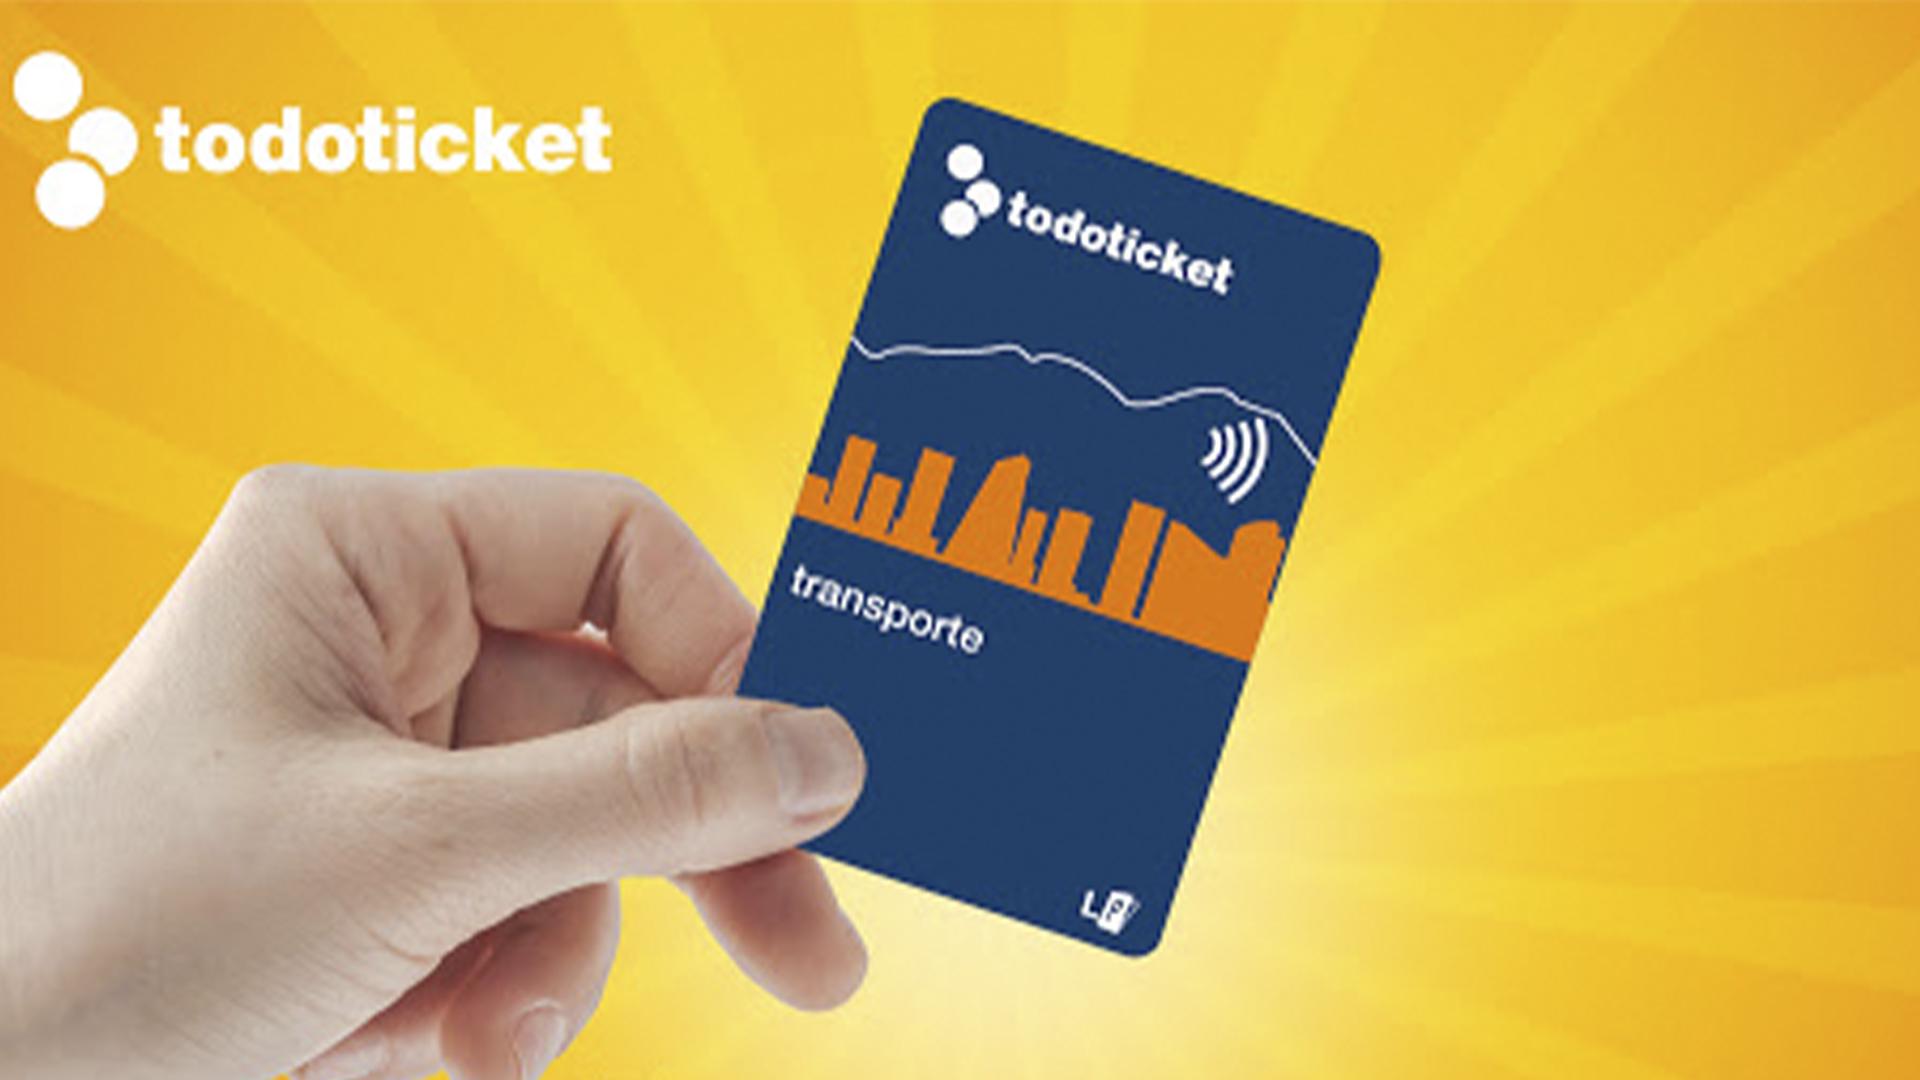 Todoticket lanza al mercado venezolano nueva tarjeta contactless para el pago del transporte público